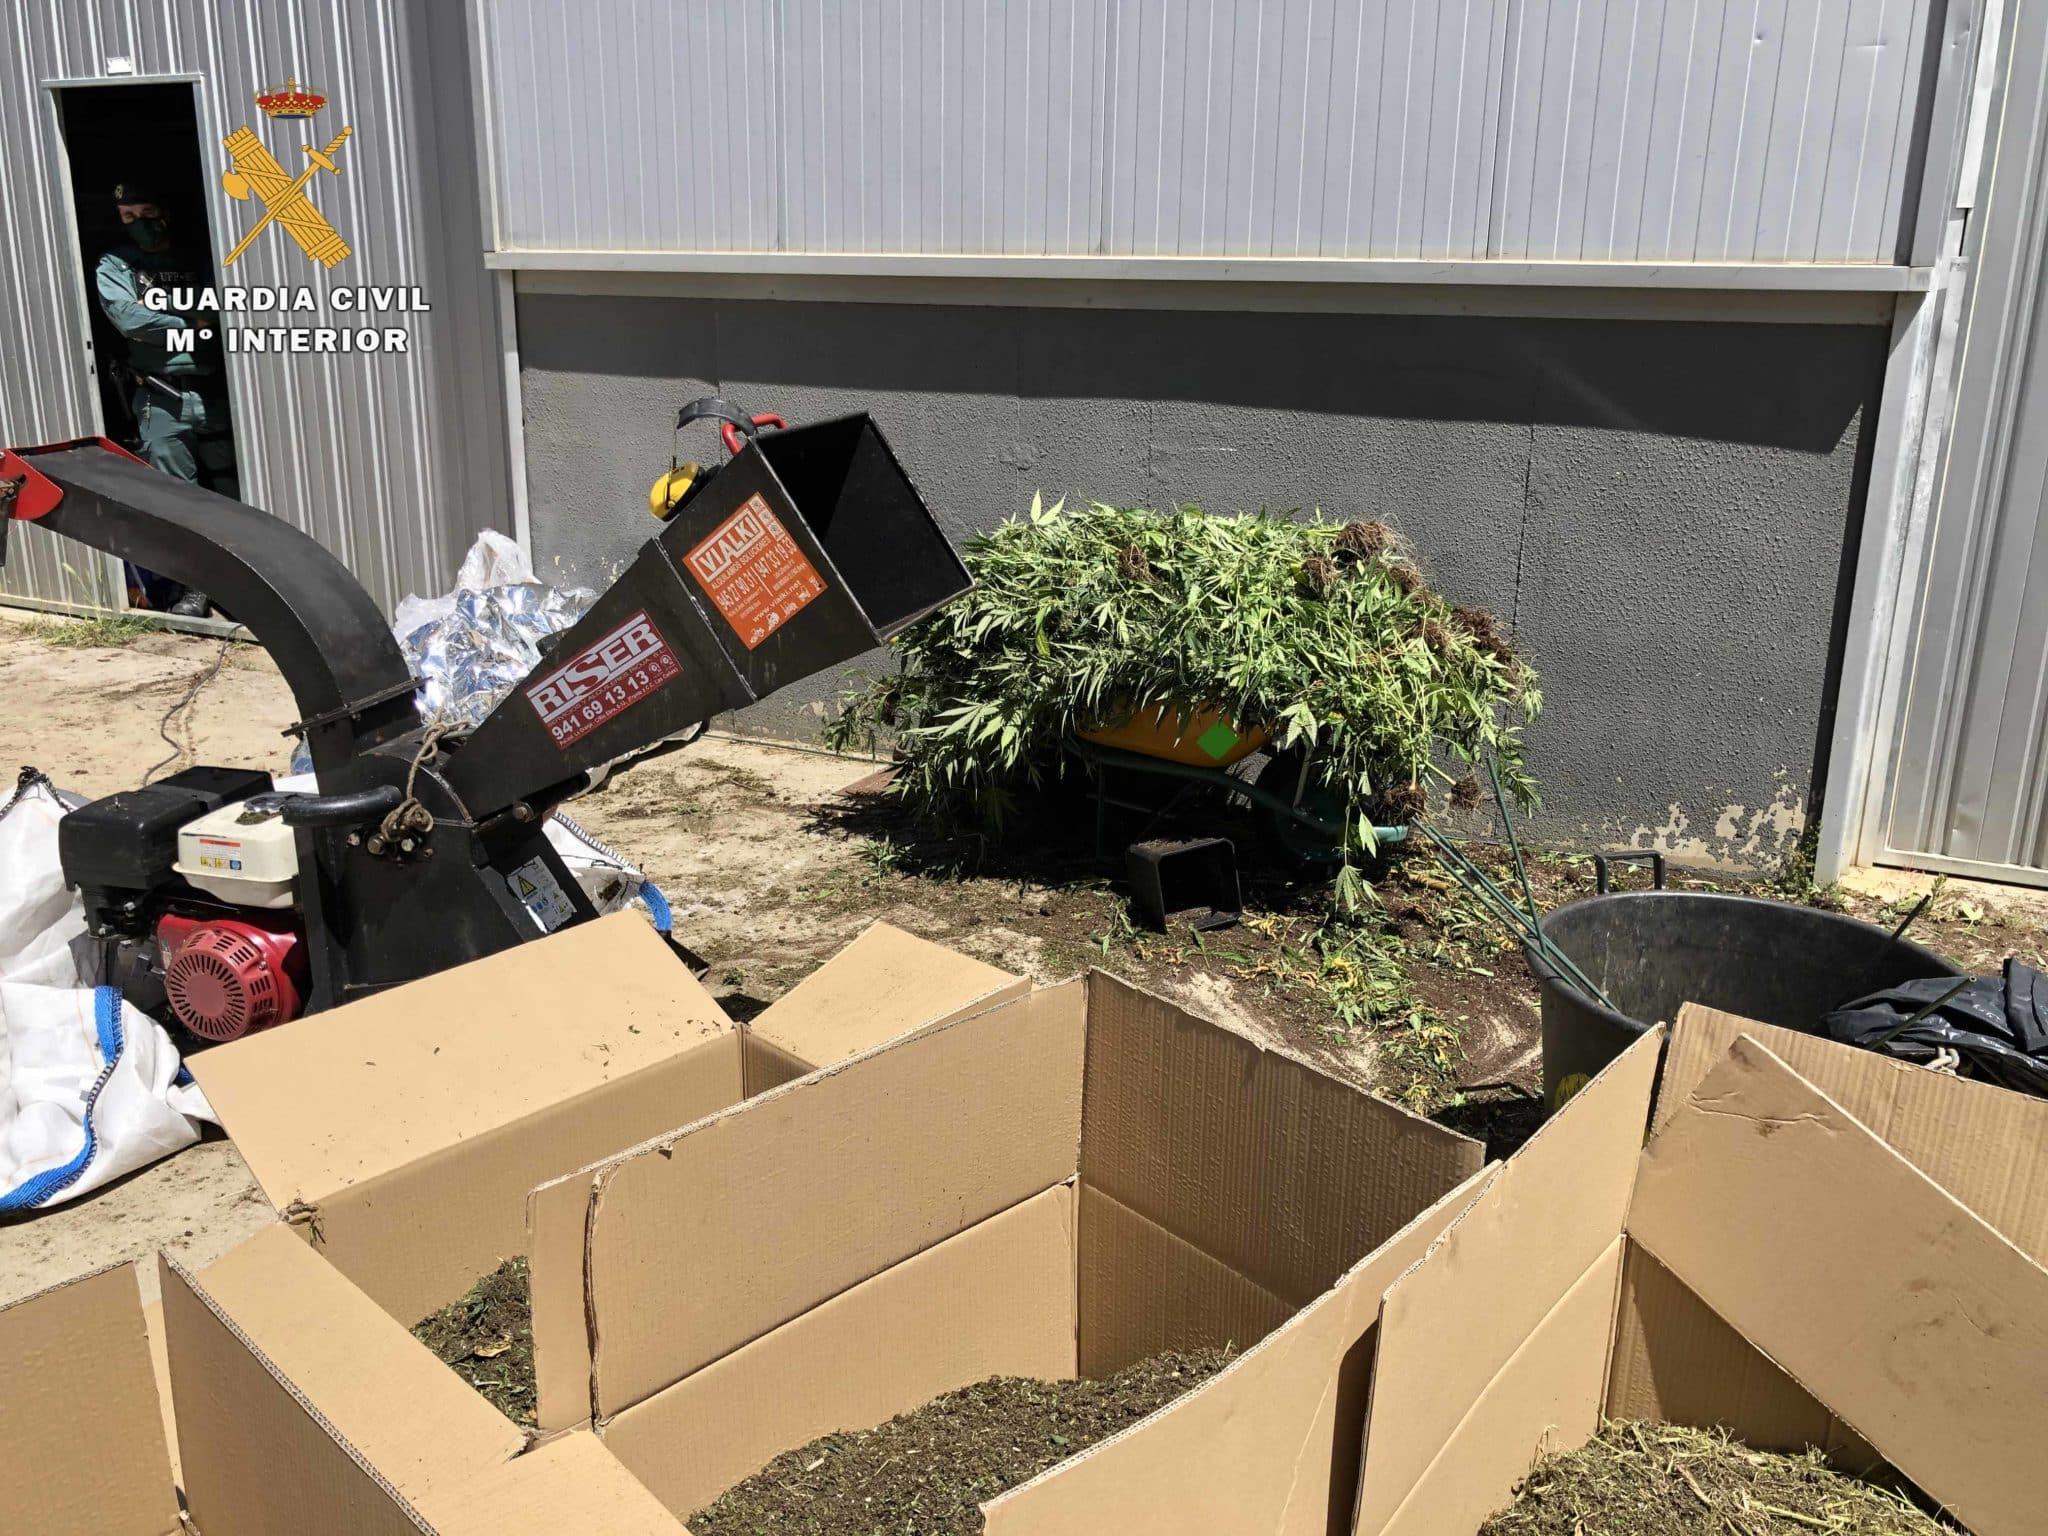 Operación 'Apostaxi': Desmantelada una organización delictiva que elaboraba y distribuía marihuana en La Rioja y Euskadi 12